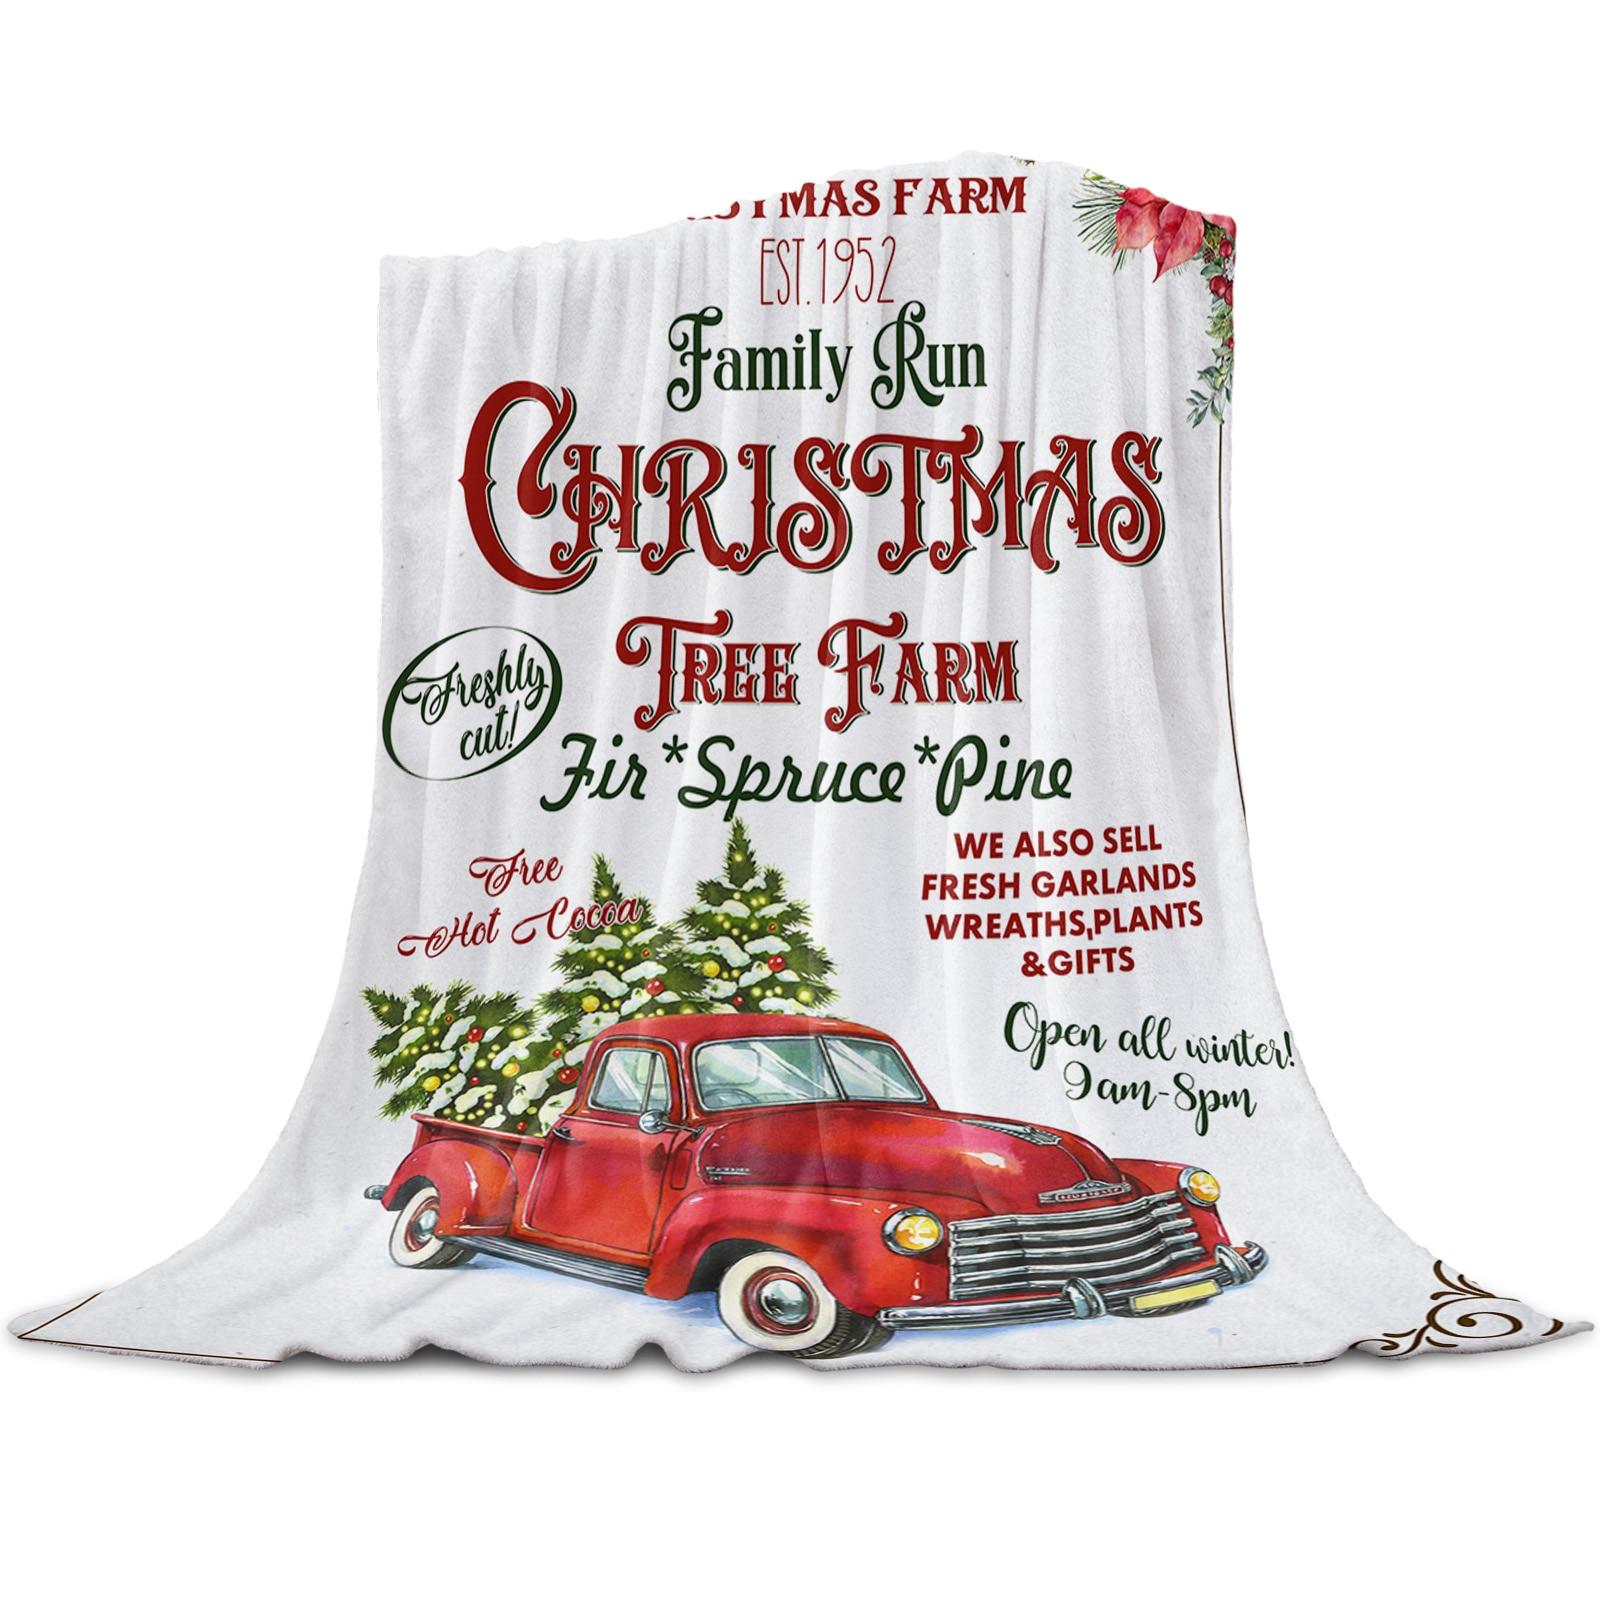 عيد الميلاد جرار المزارع شجرة عيد الميلاد رمي بطانية للأسرة ستوكات الفانيلا بطانية دافئة أريكة الفراش المفرش الهدايا